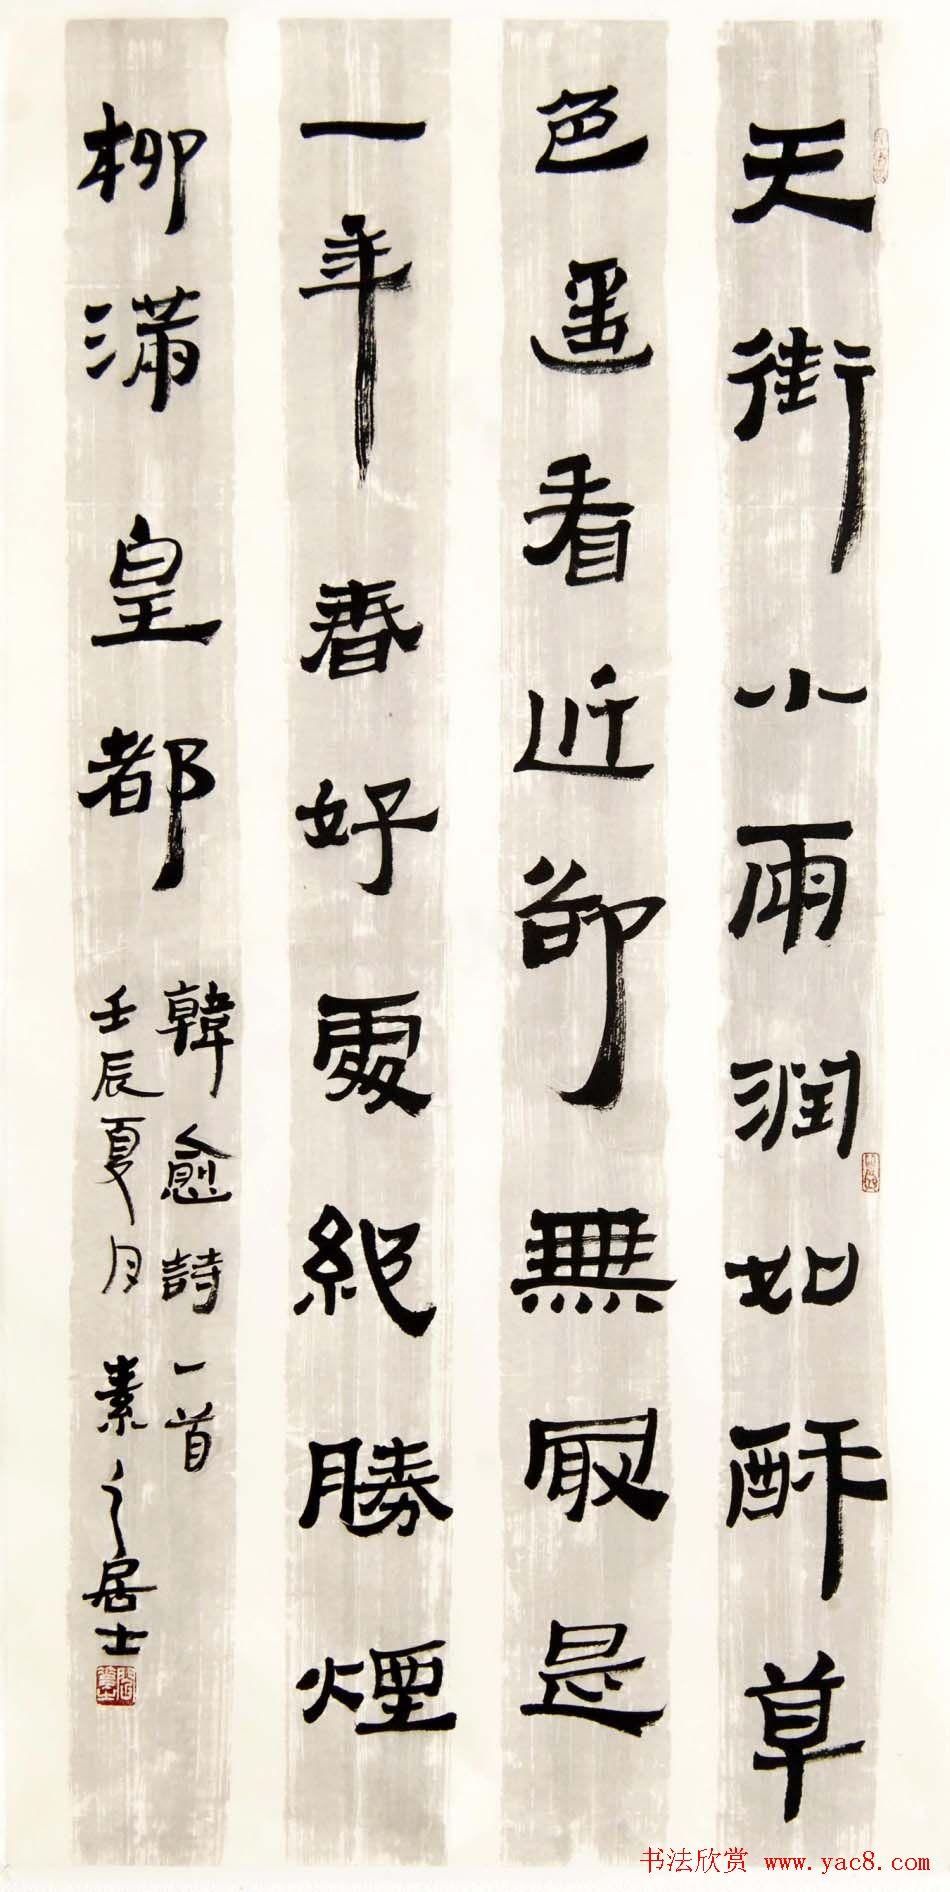 闫素之汉碑汉简书法作品欣赏 第7页 毛笔书法 书法欣赏